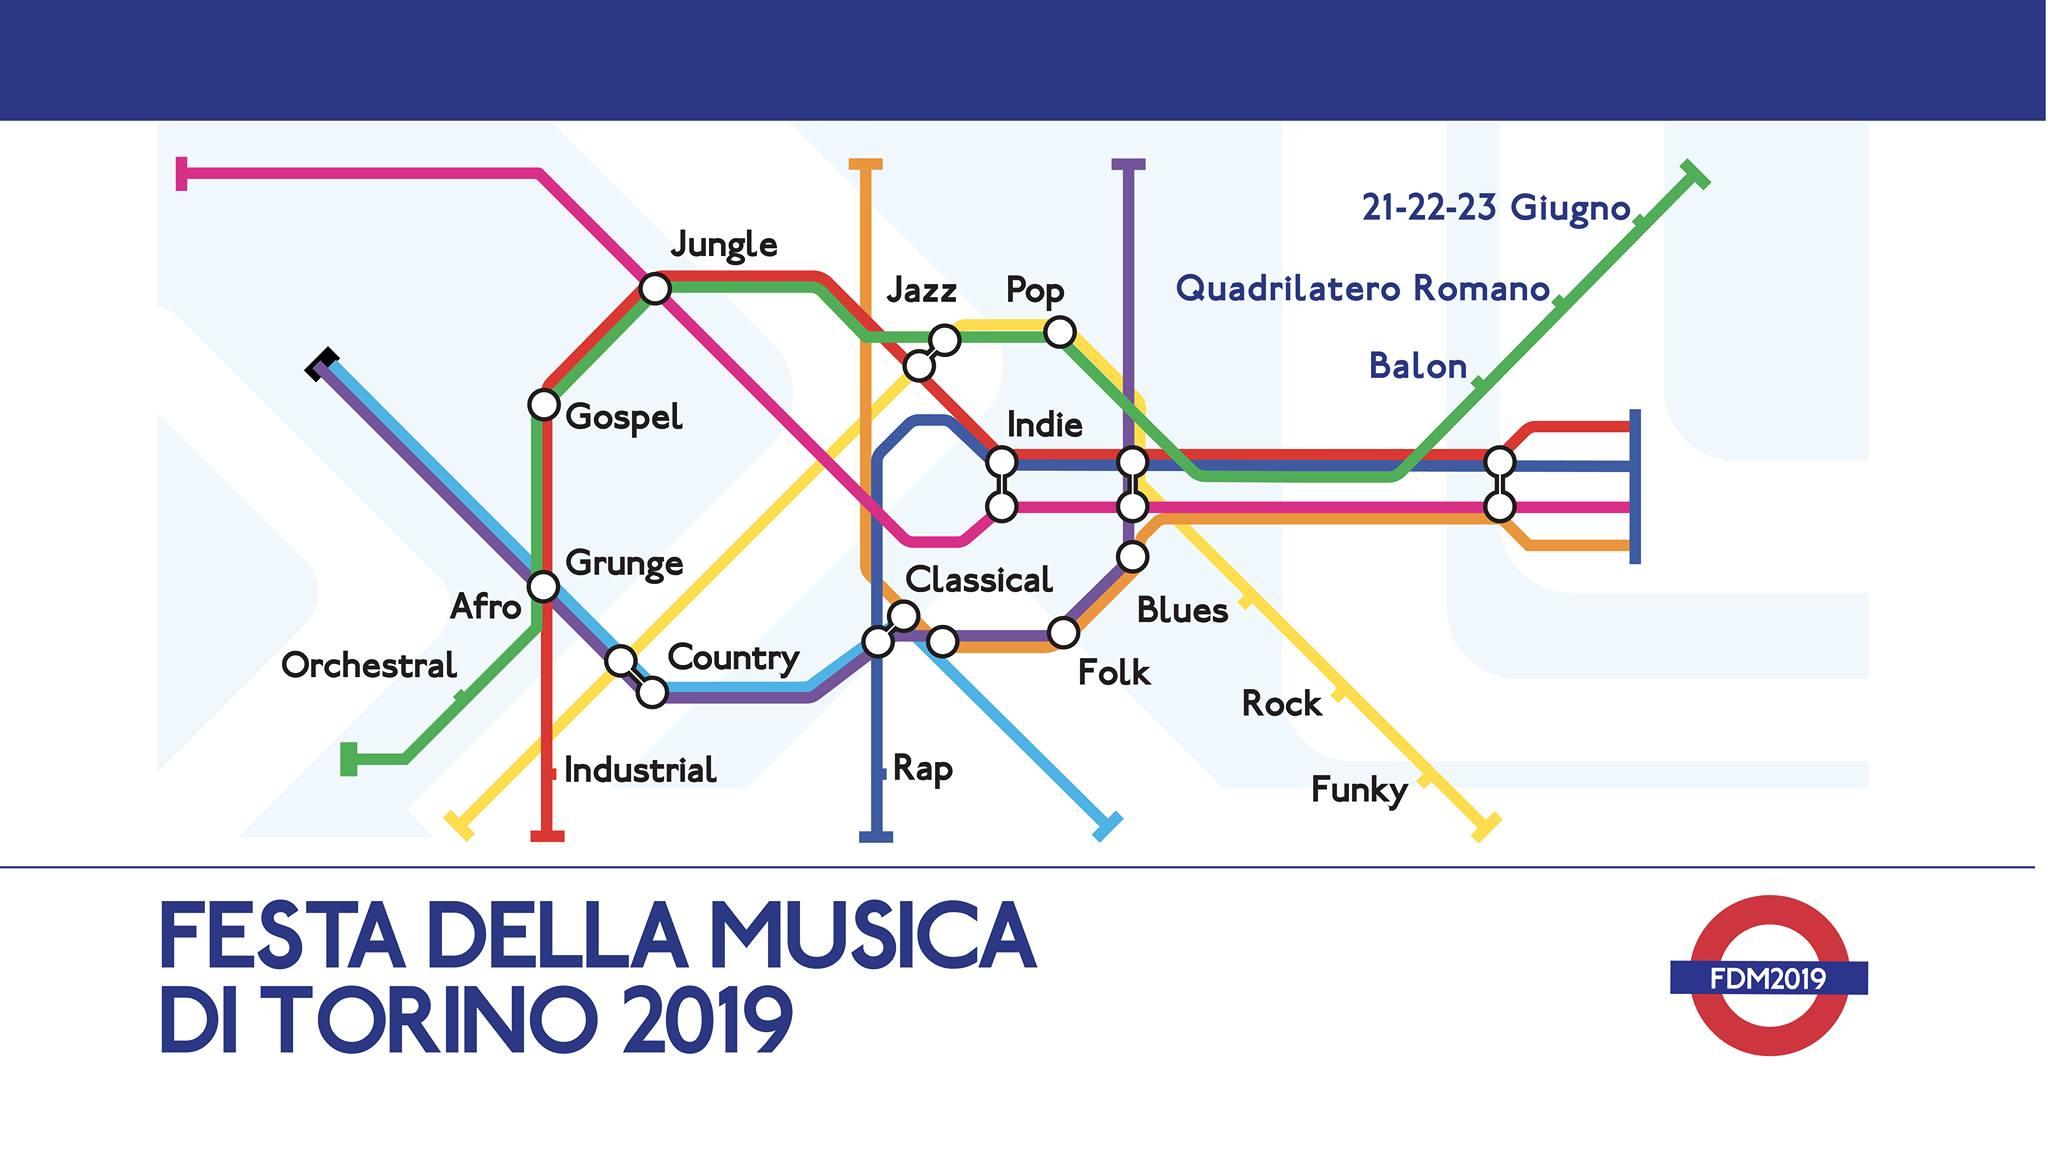 Festa della Musica 2019 - Torino